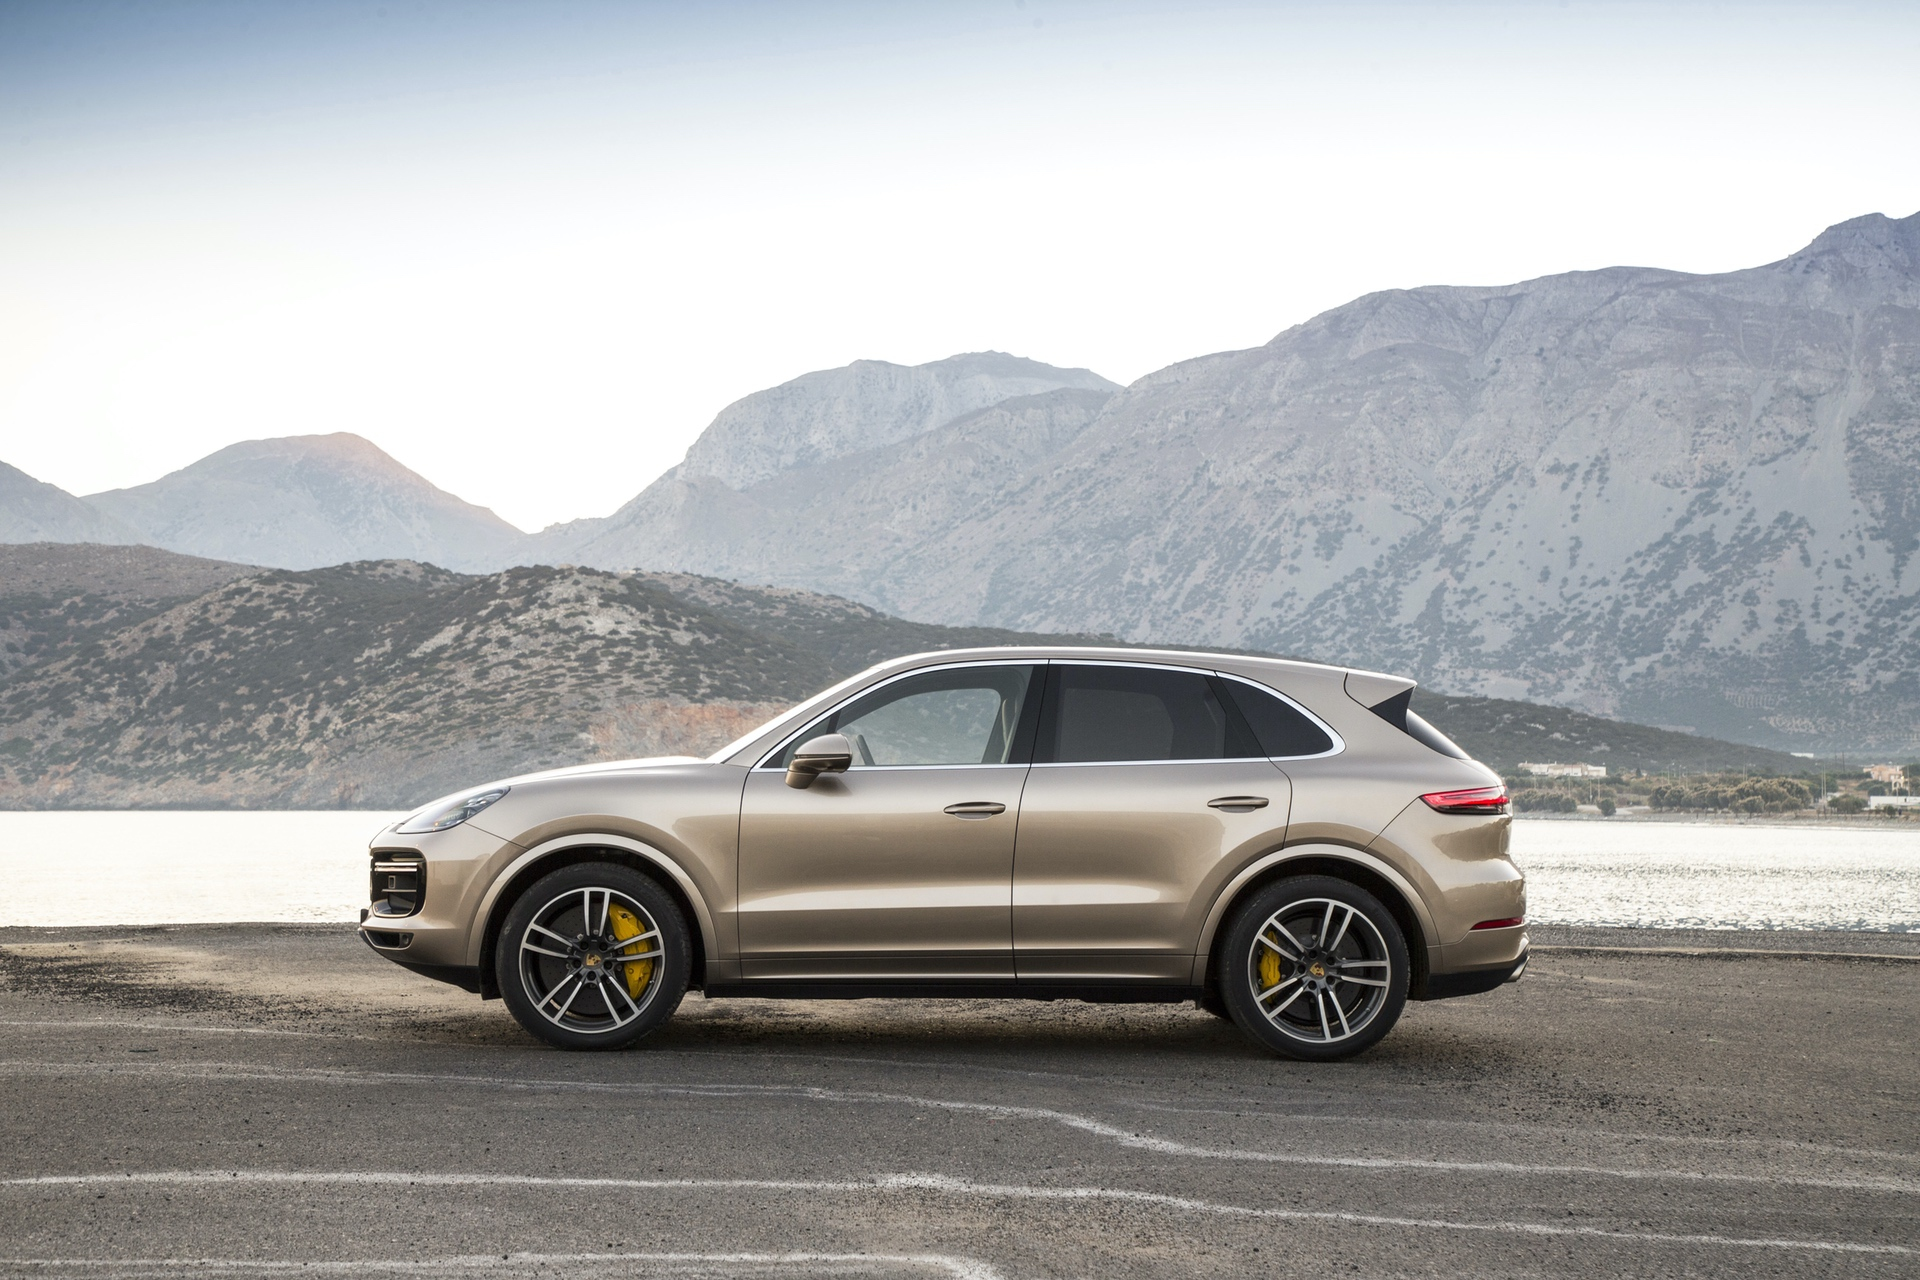 Test_Drive_Porsche_Cayenne_89